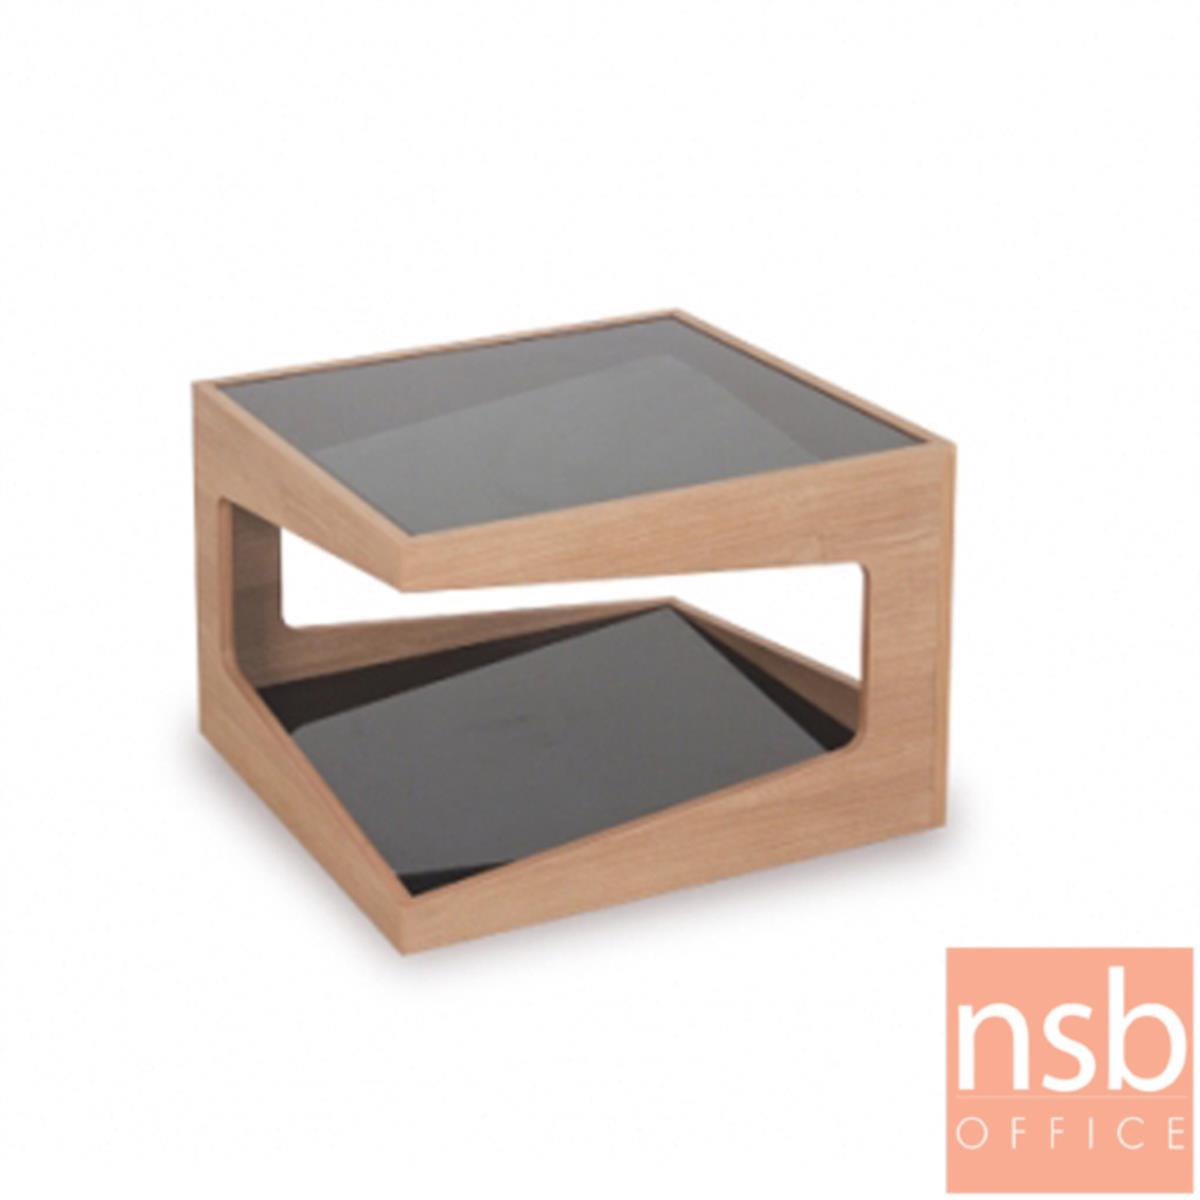 โต๊ะกลางโซฟากระจก  รุ่น GD-SE ขนาด 60W ,90Wcm.  โครงไม้